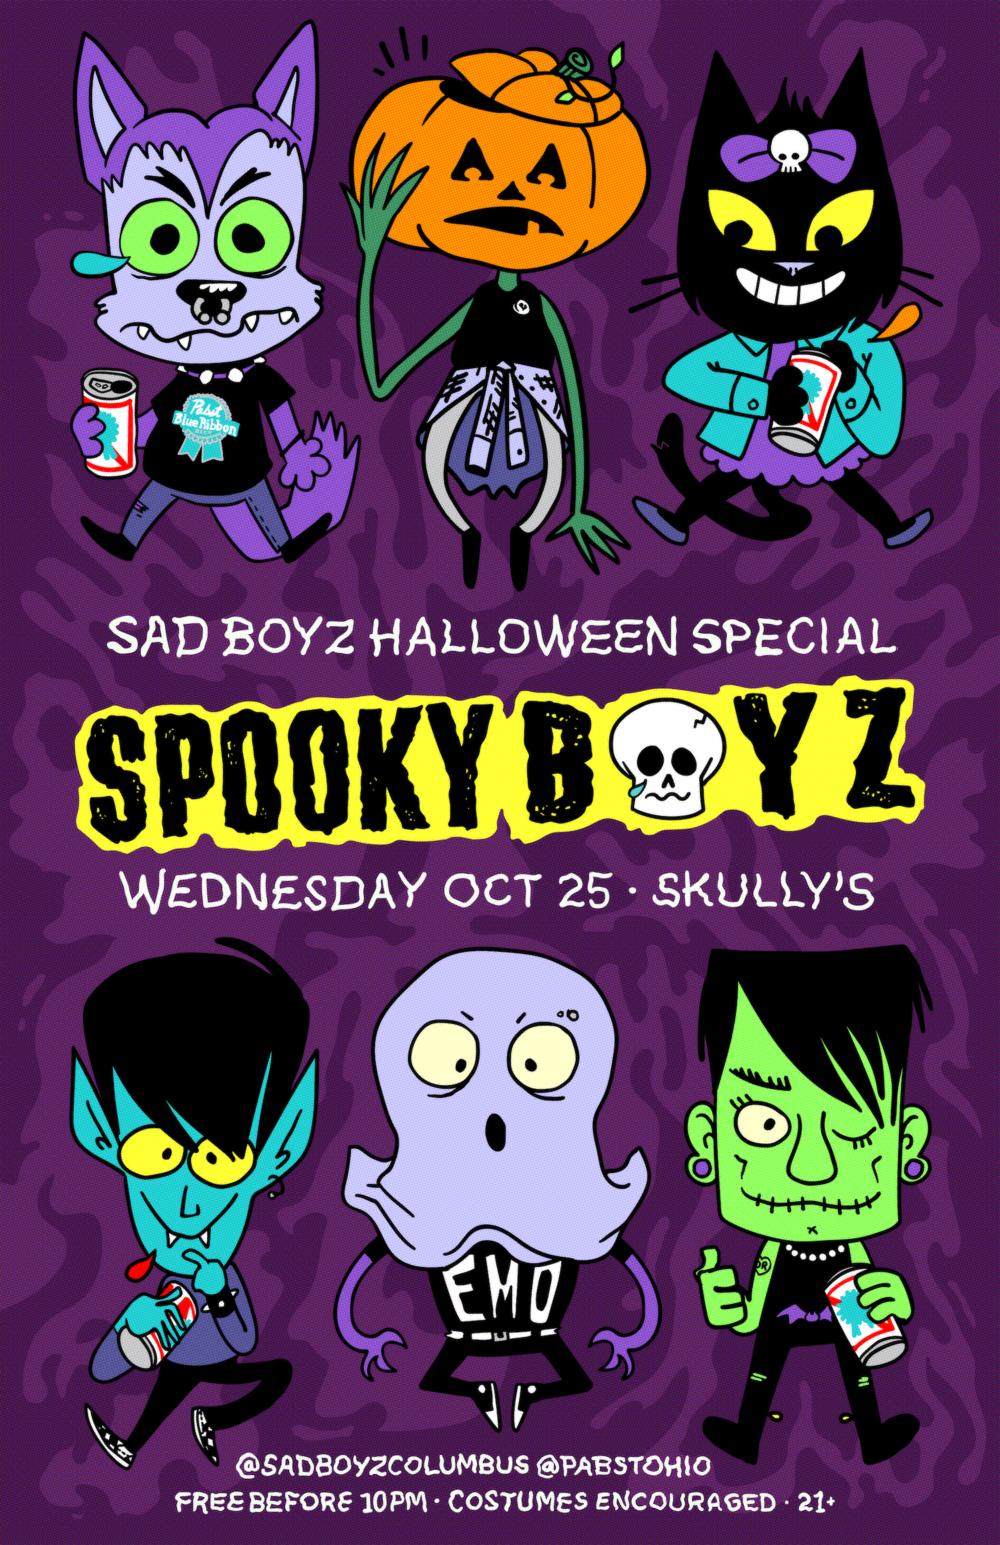 spookyboyz17_web_small.png